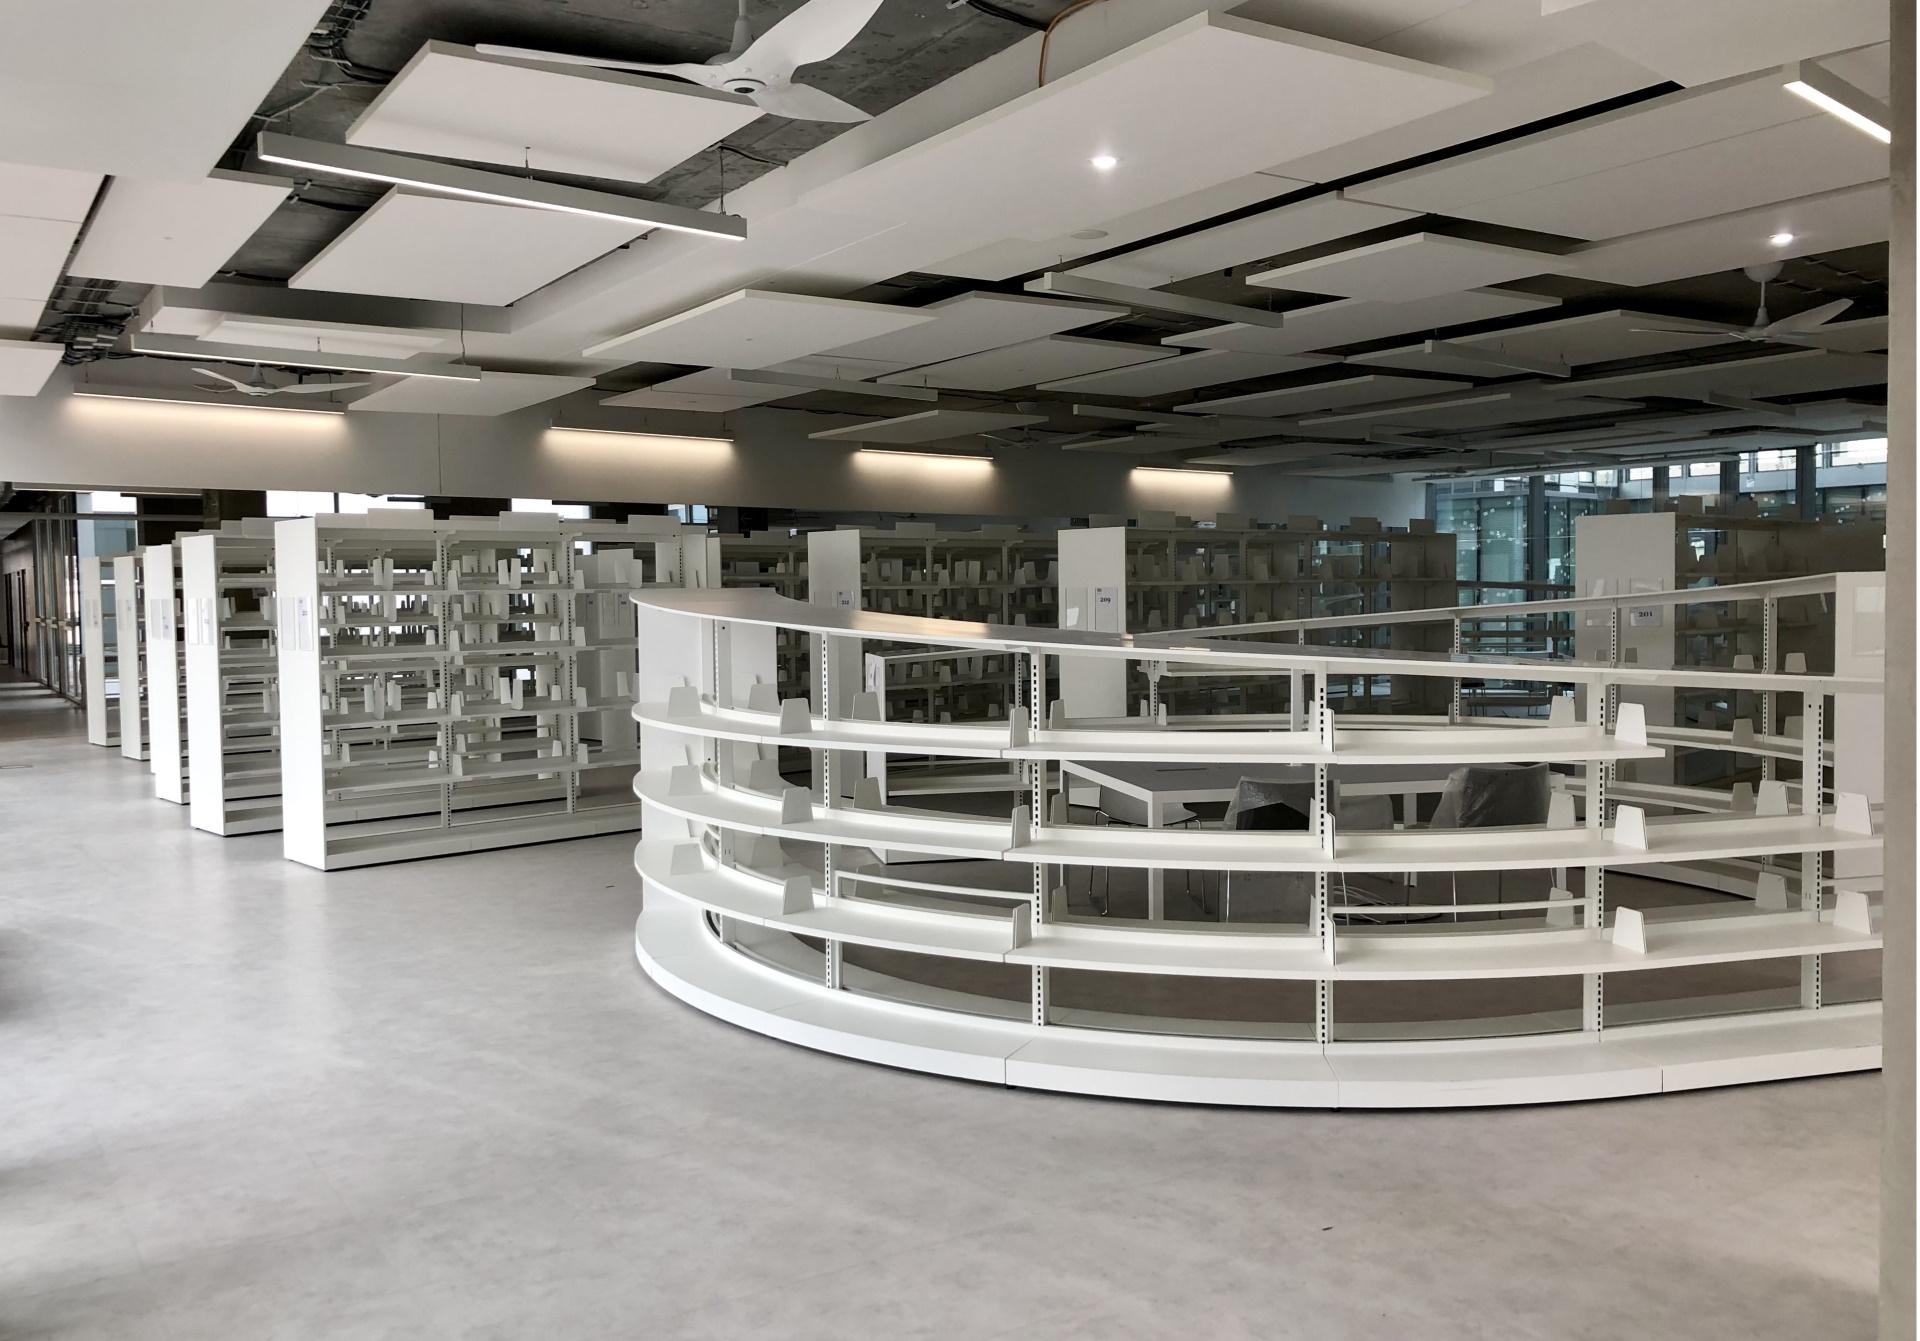 Espace bibliothèque -Université Condorcet